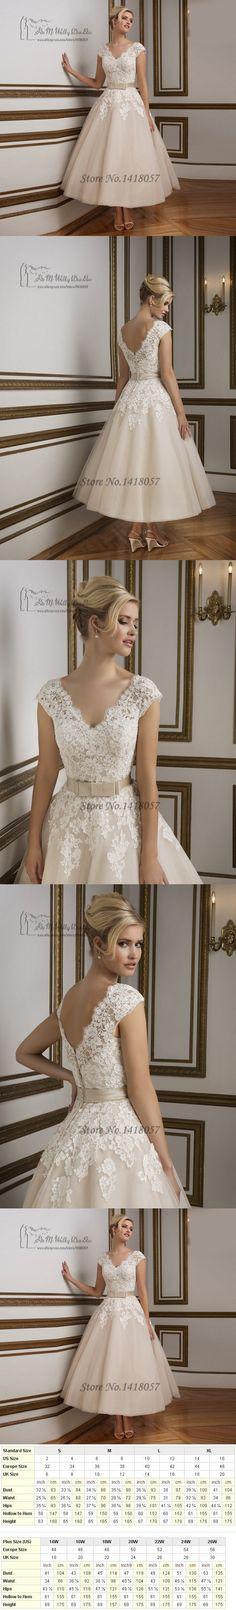 Vestido de Noiva Curto Vintage Tea Length Wedding Dresses 2016 Champagne White Lace Bridal Dress Gowns Princess Short Cap Sleeve $139